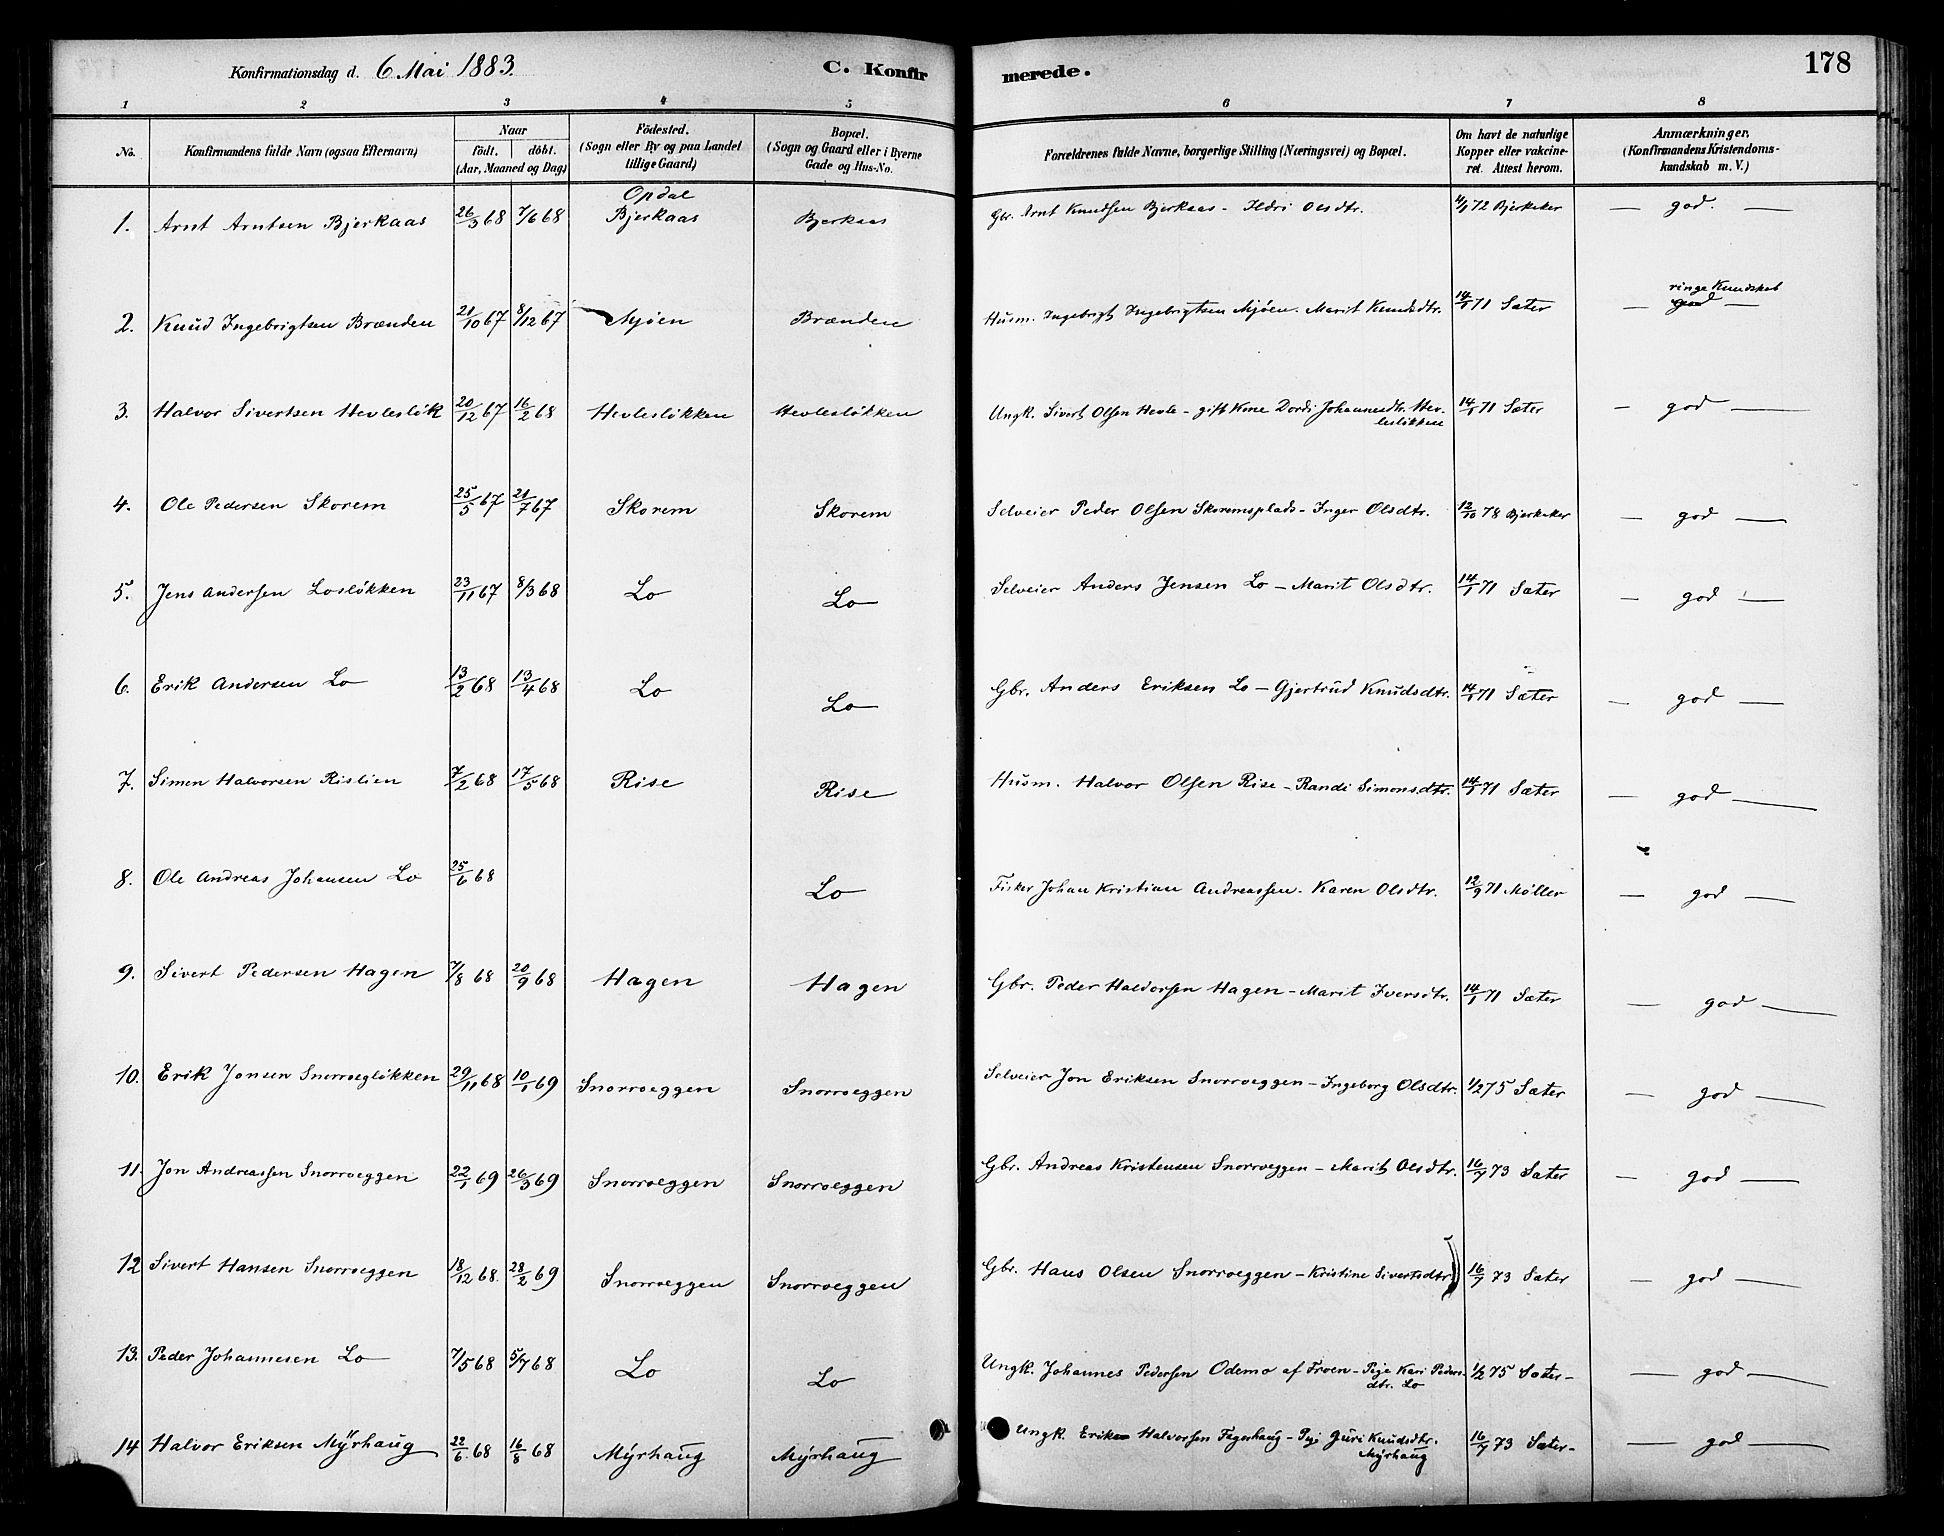 SAT, Ministerialprotokoller, klokkerbøker og fødselsregistre - Sør-Trøndelag, 678/L0901: Ministerialbok nr. 678A10, 1881-1894, s. 178